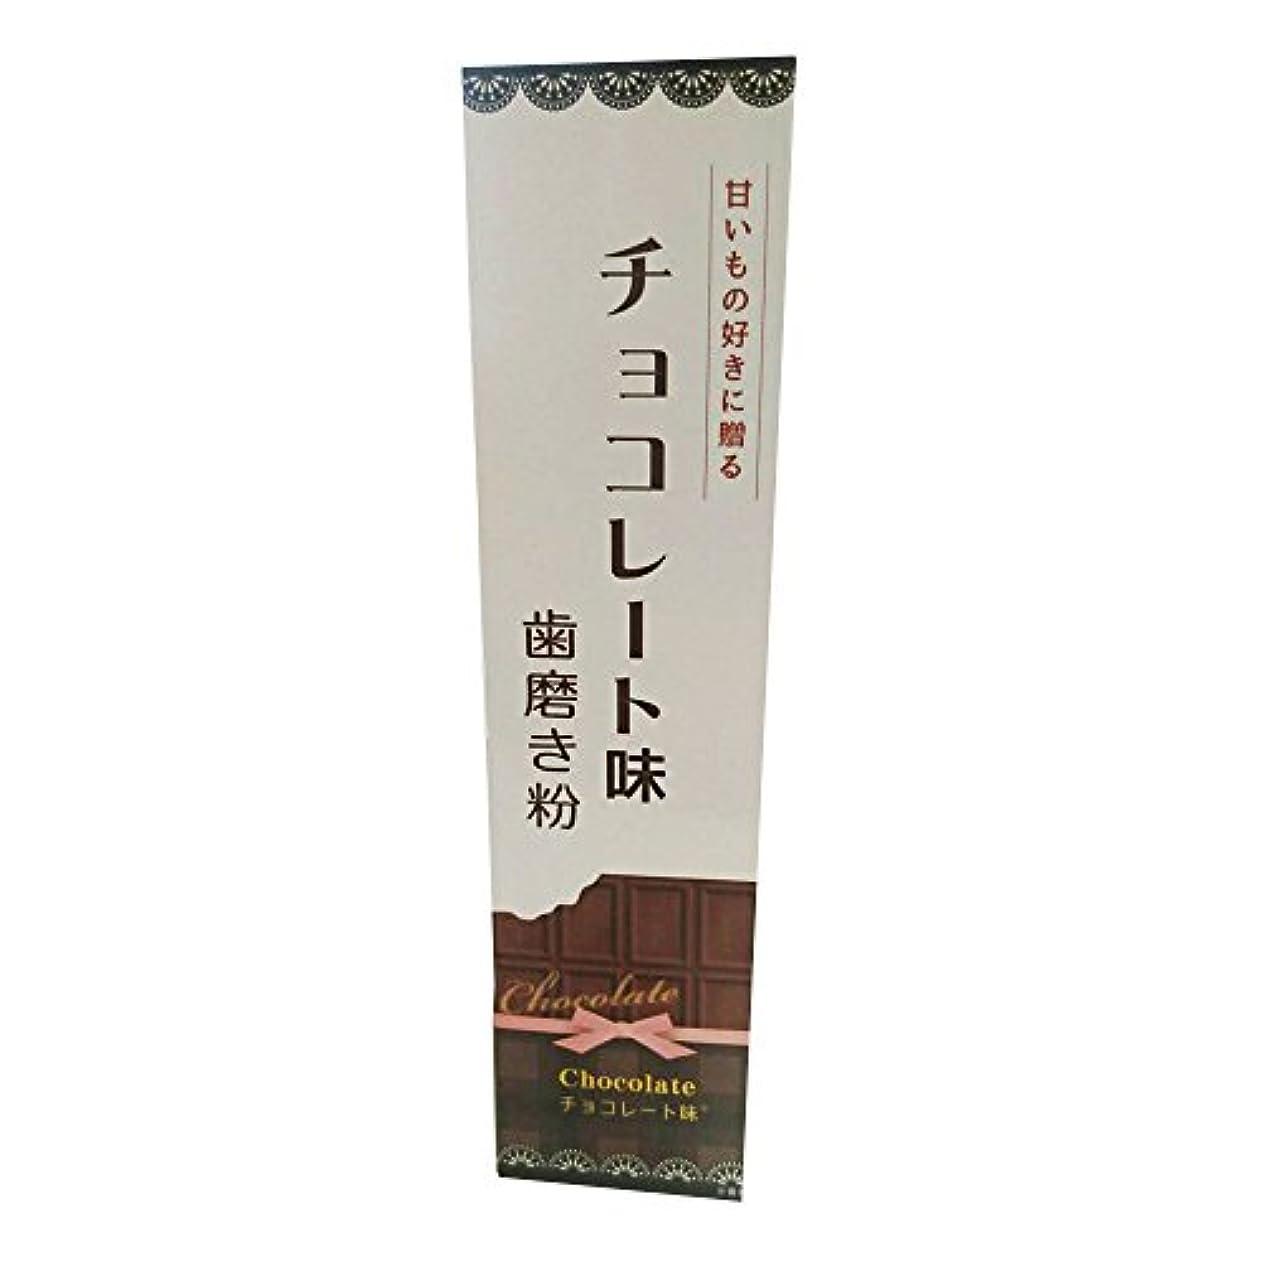 荒野賞賛作業フレーバー歯磨き粉チョコレート味 70g